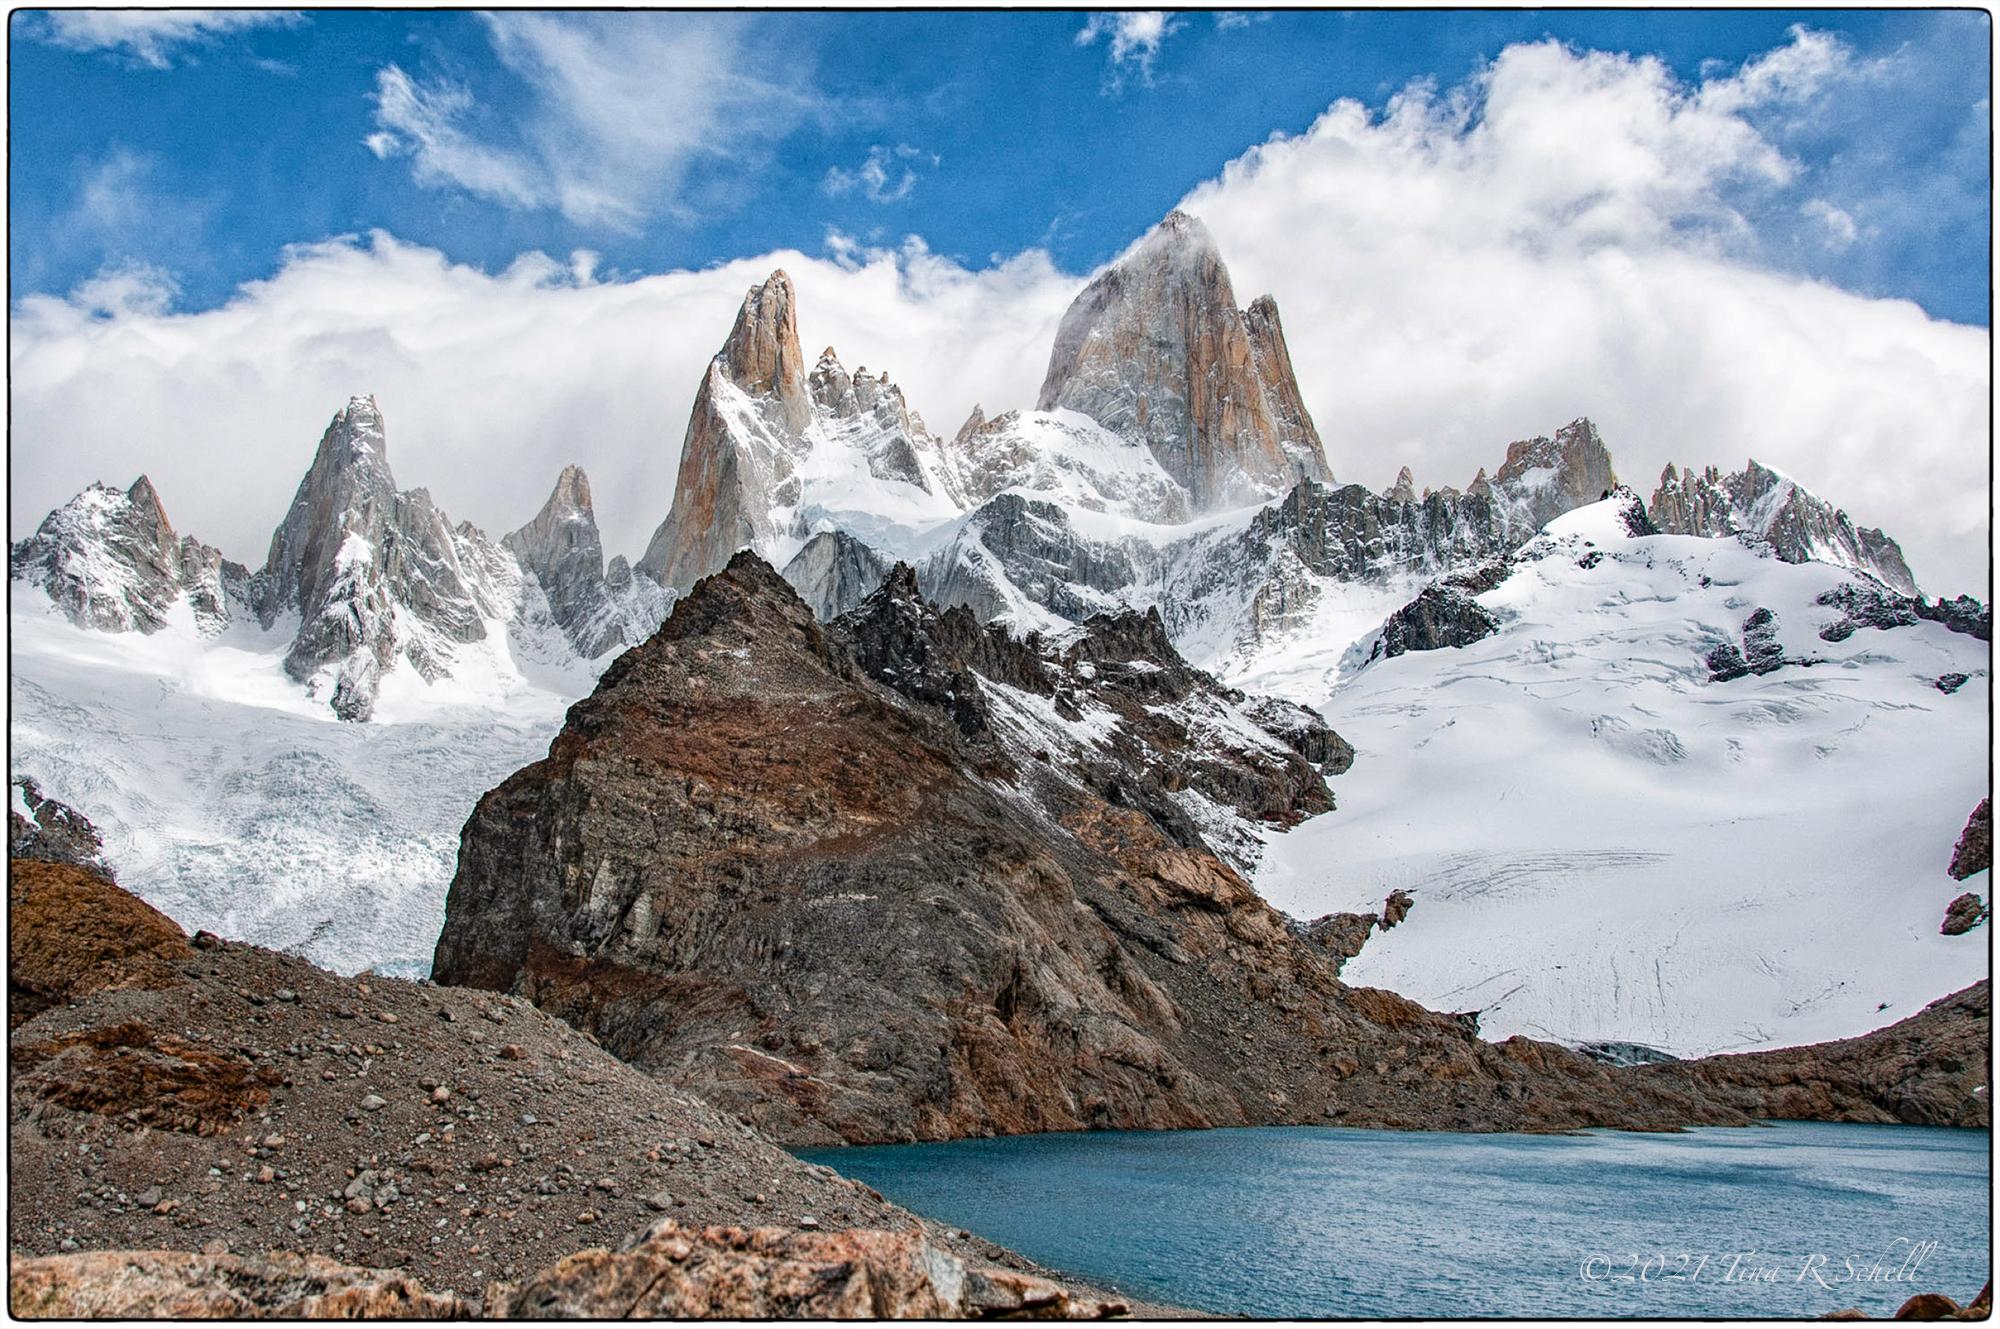 Laguna de los Tres, Patagonia, snow, El Chalten